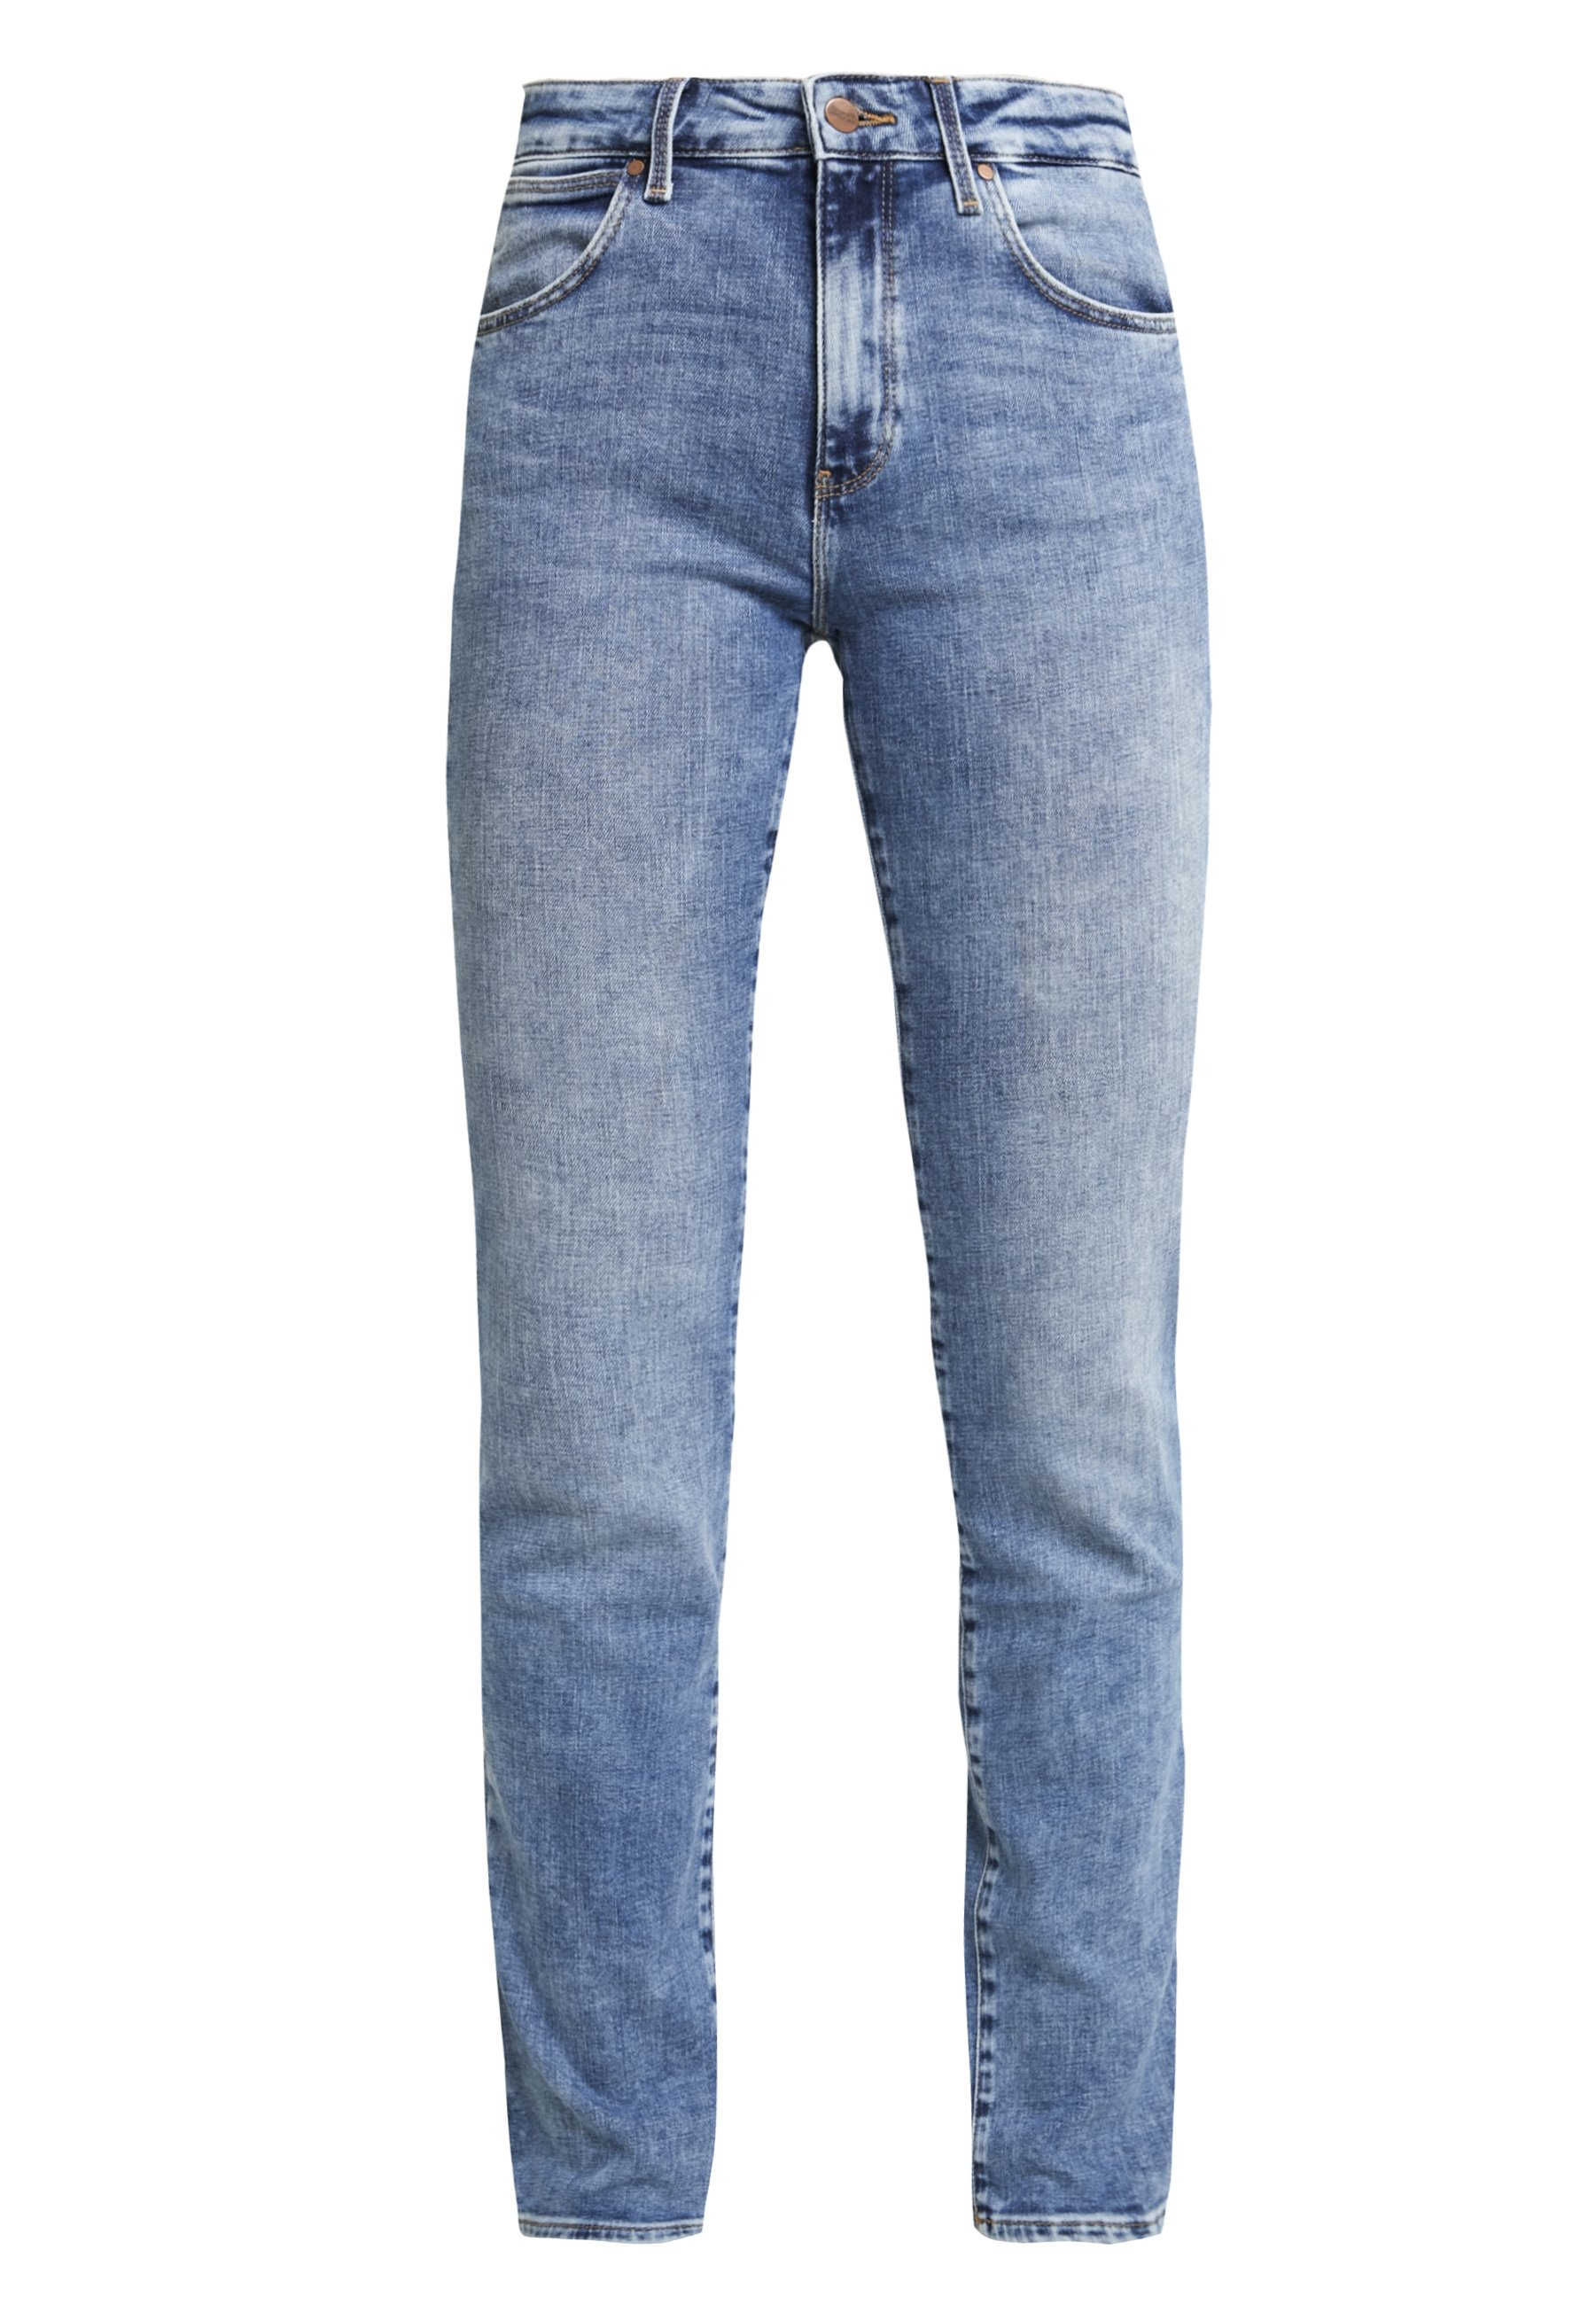 Wrangler Body Bespoke - Straight Leg -farkut Water Blue